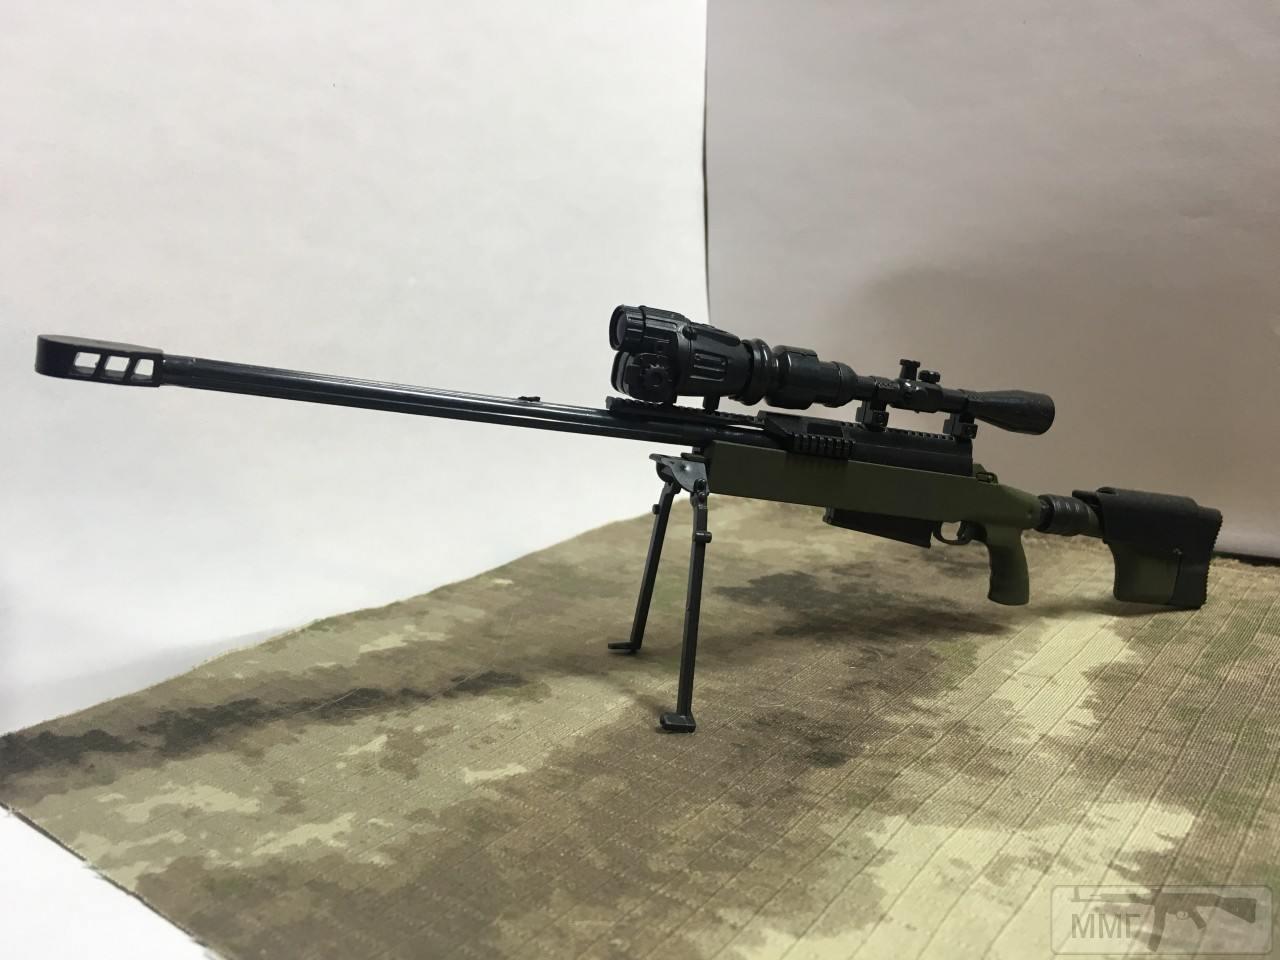 54034 - Макеты оружия/ модели 1:6